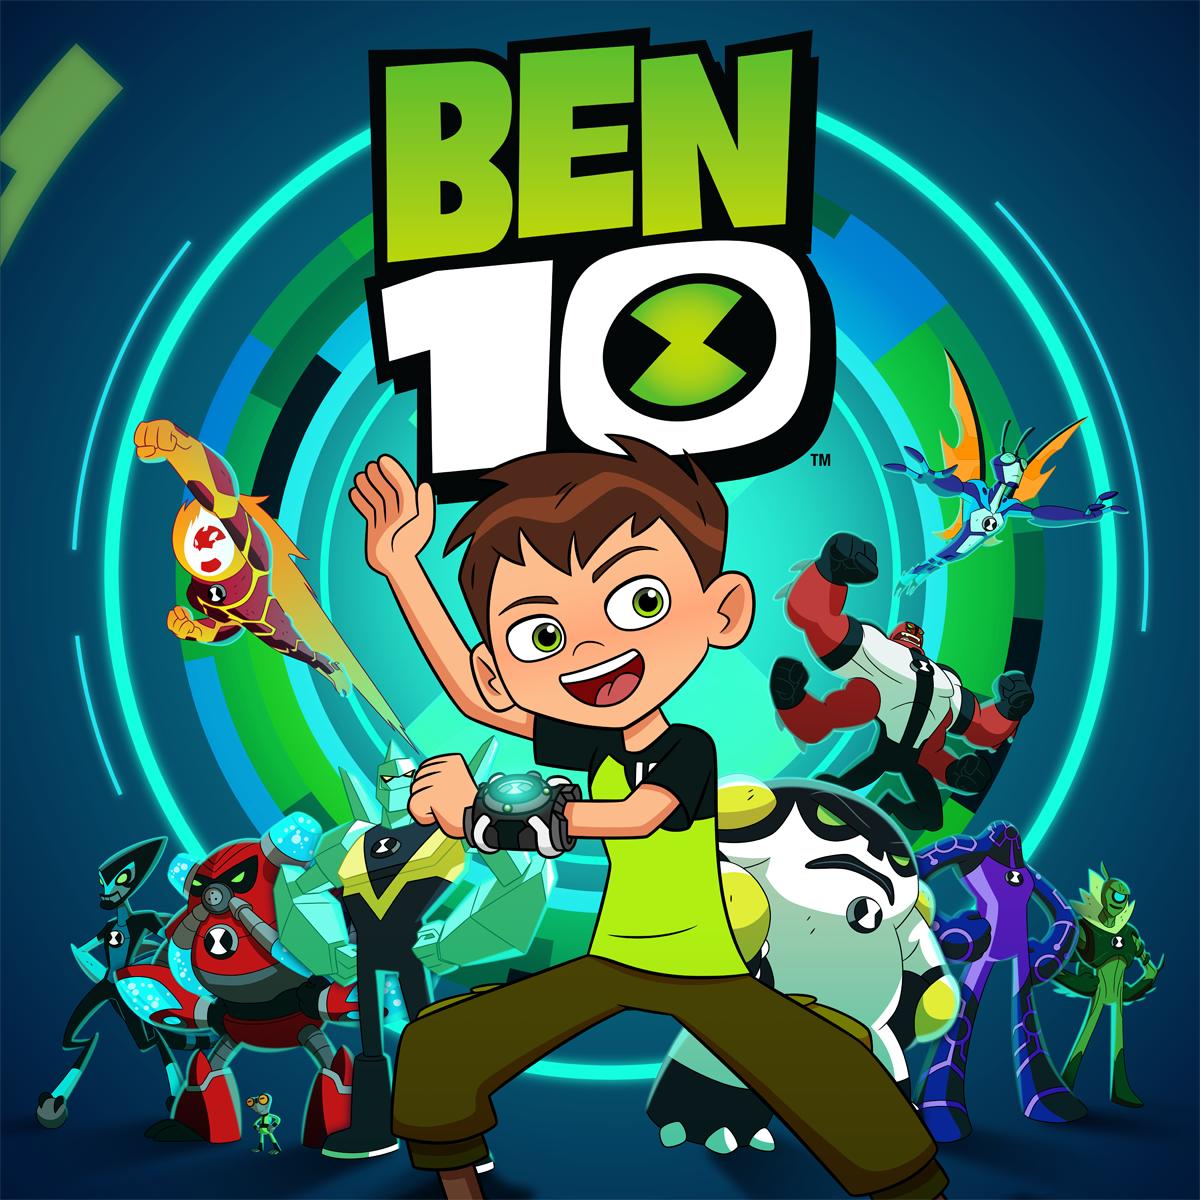 Ben 10 All Series